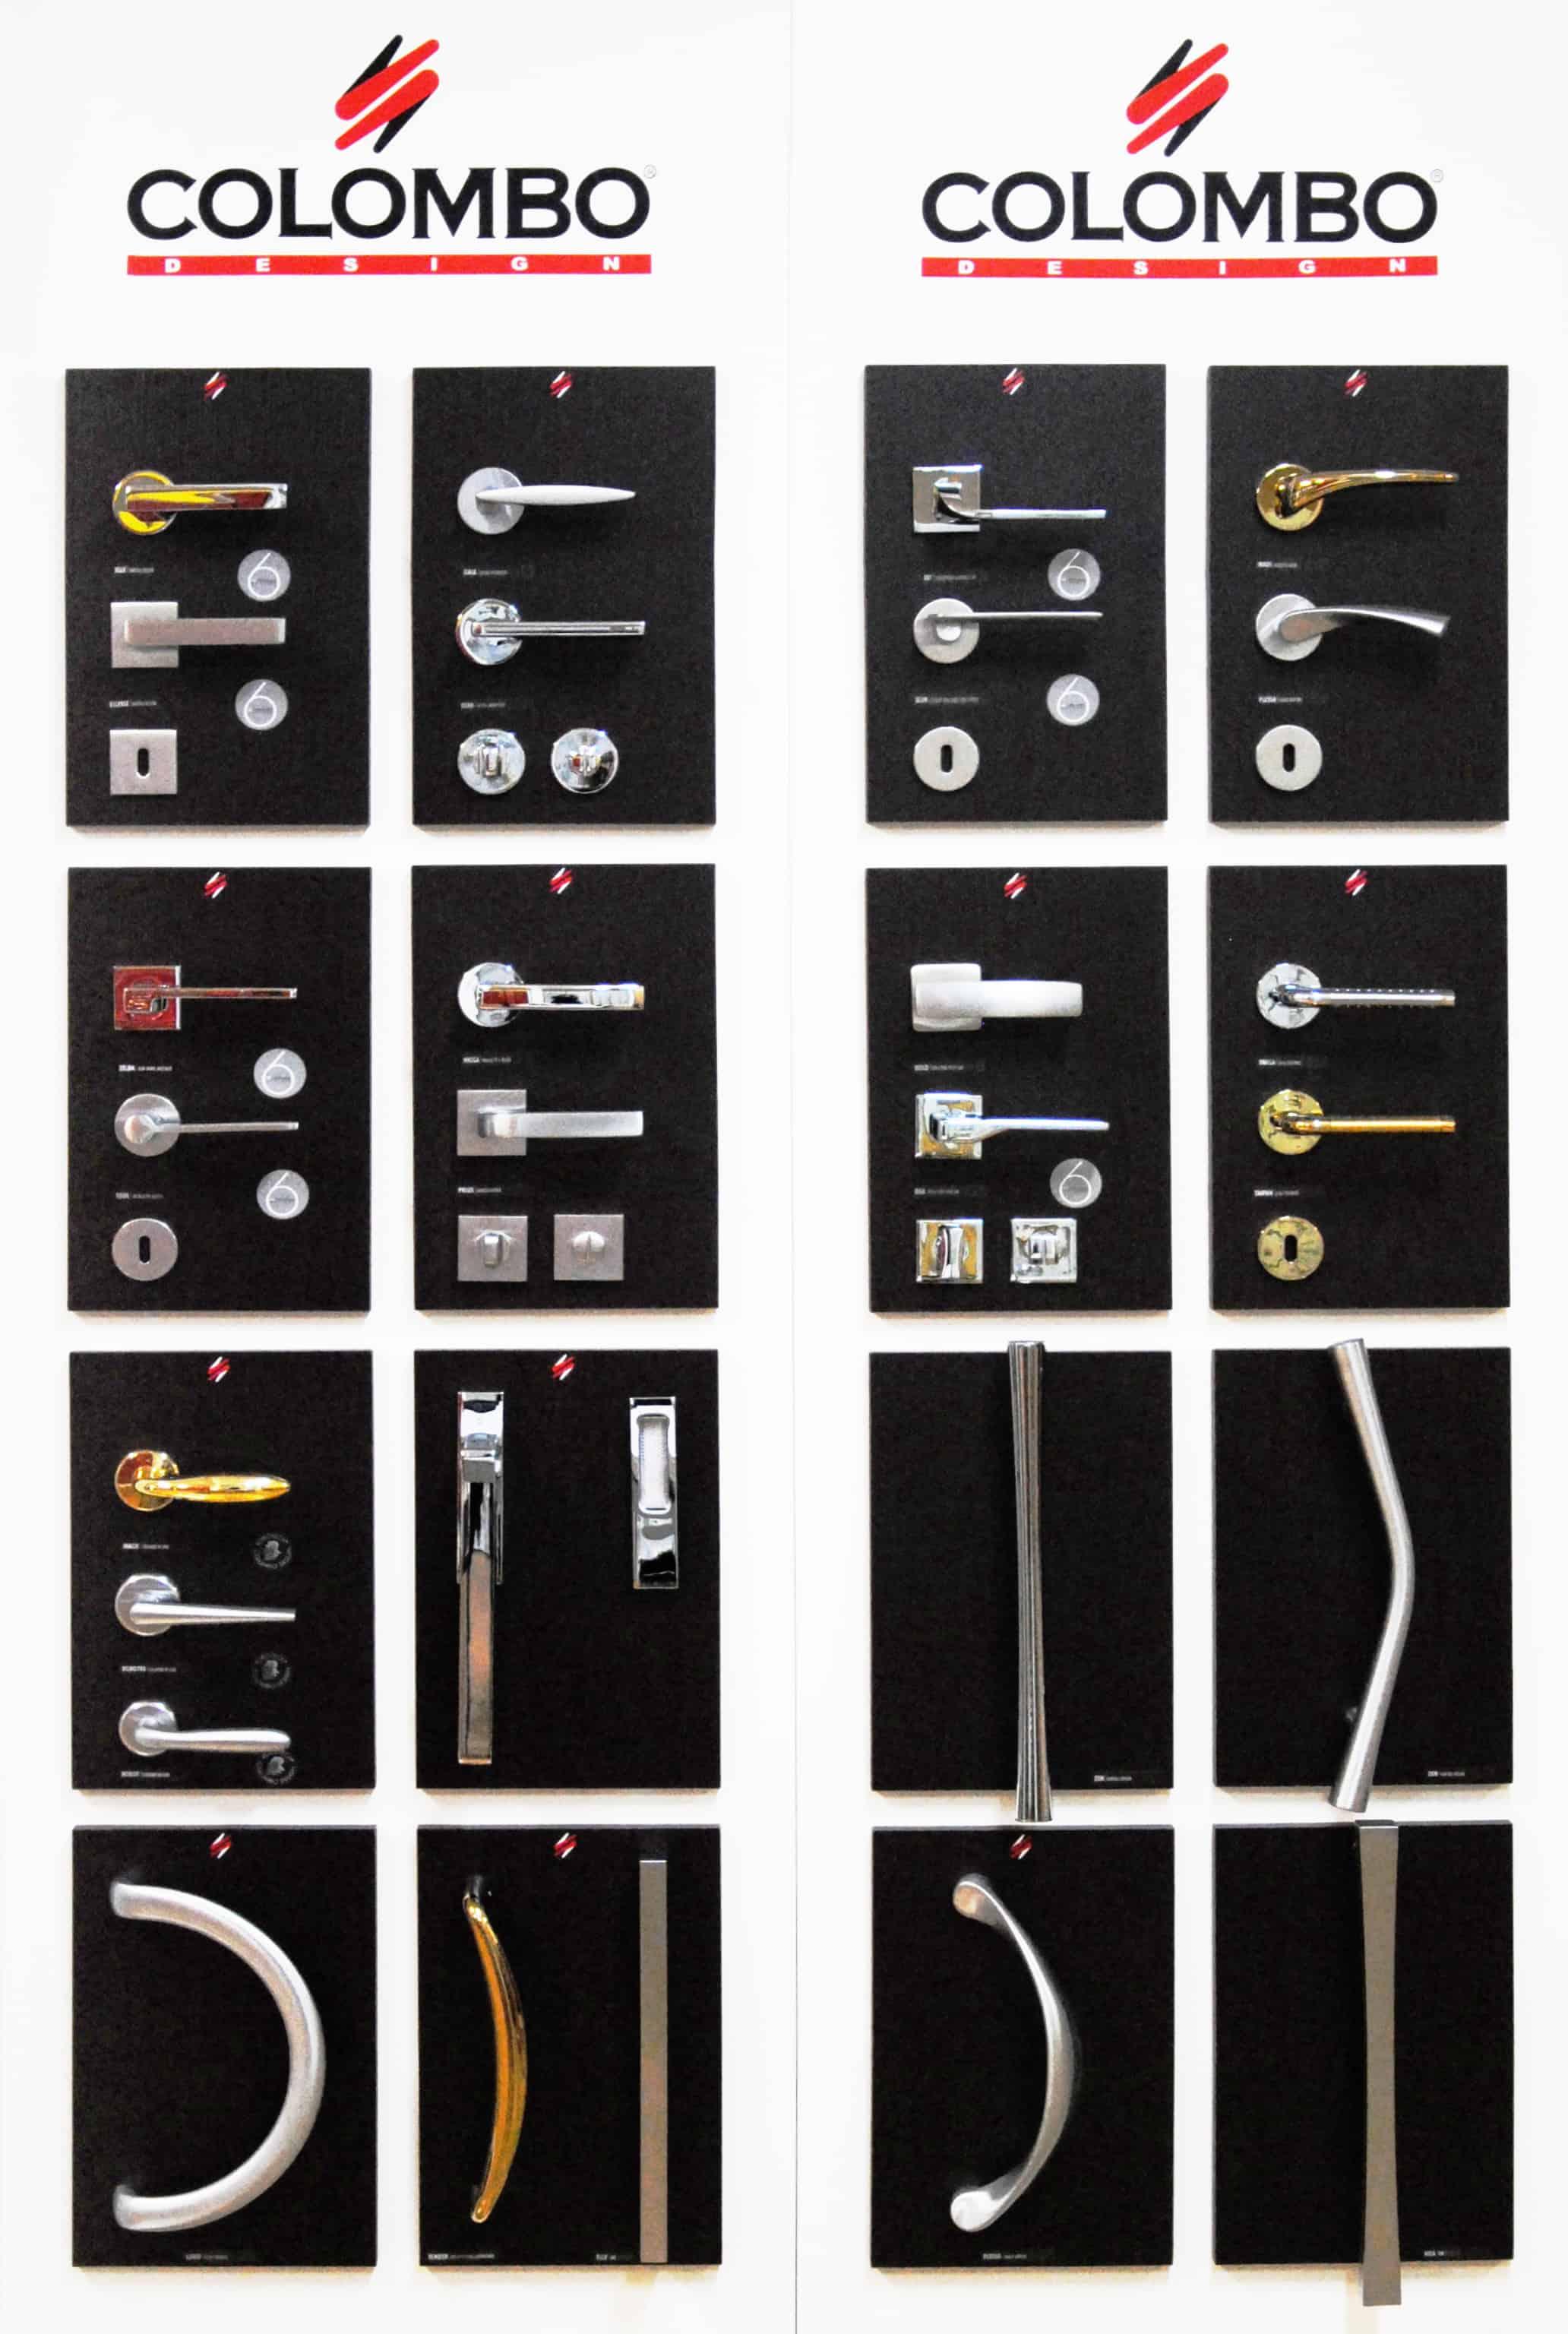 Esposizione di maniglie tuttoferramenta blog for Colombo maniglie